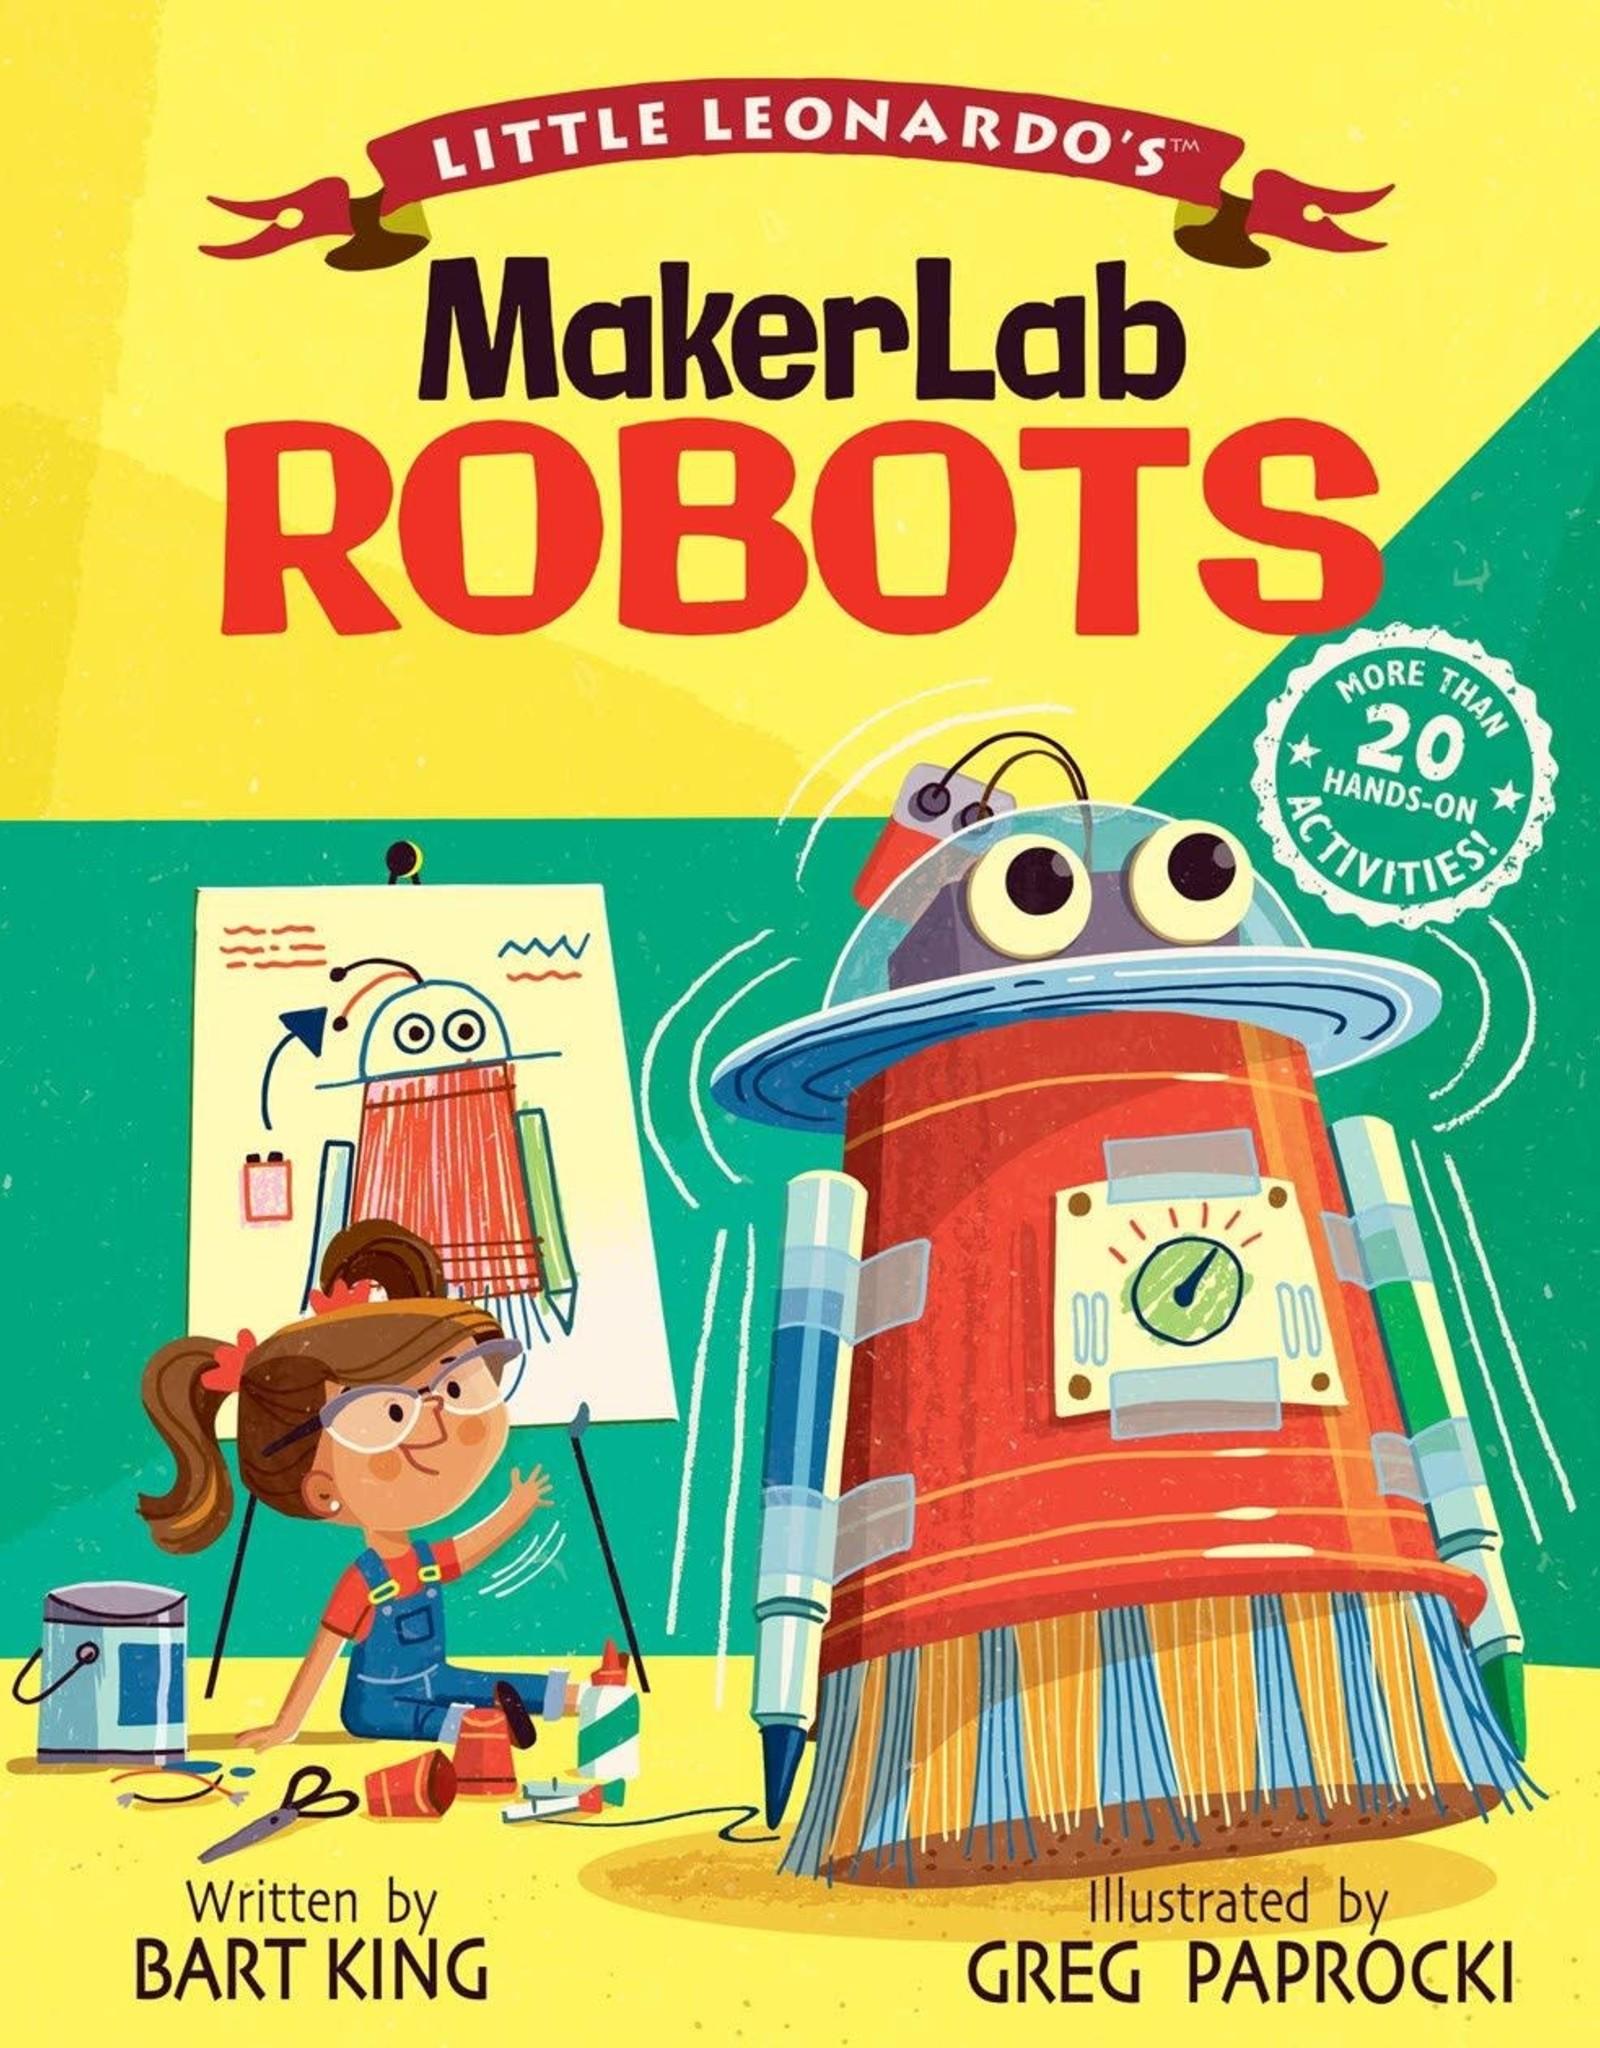 Little Leonardo's Makerlab Robots